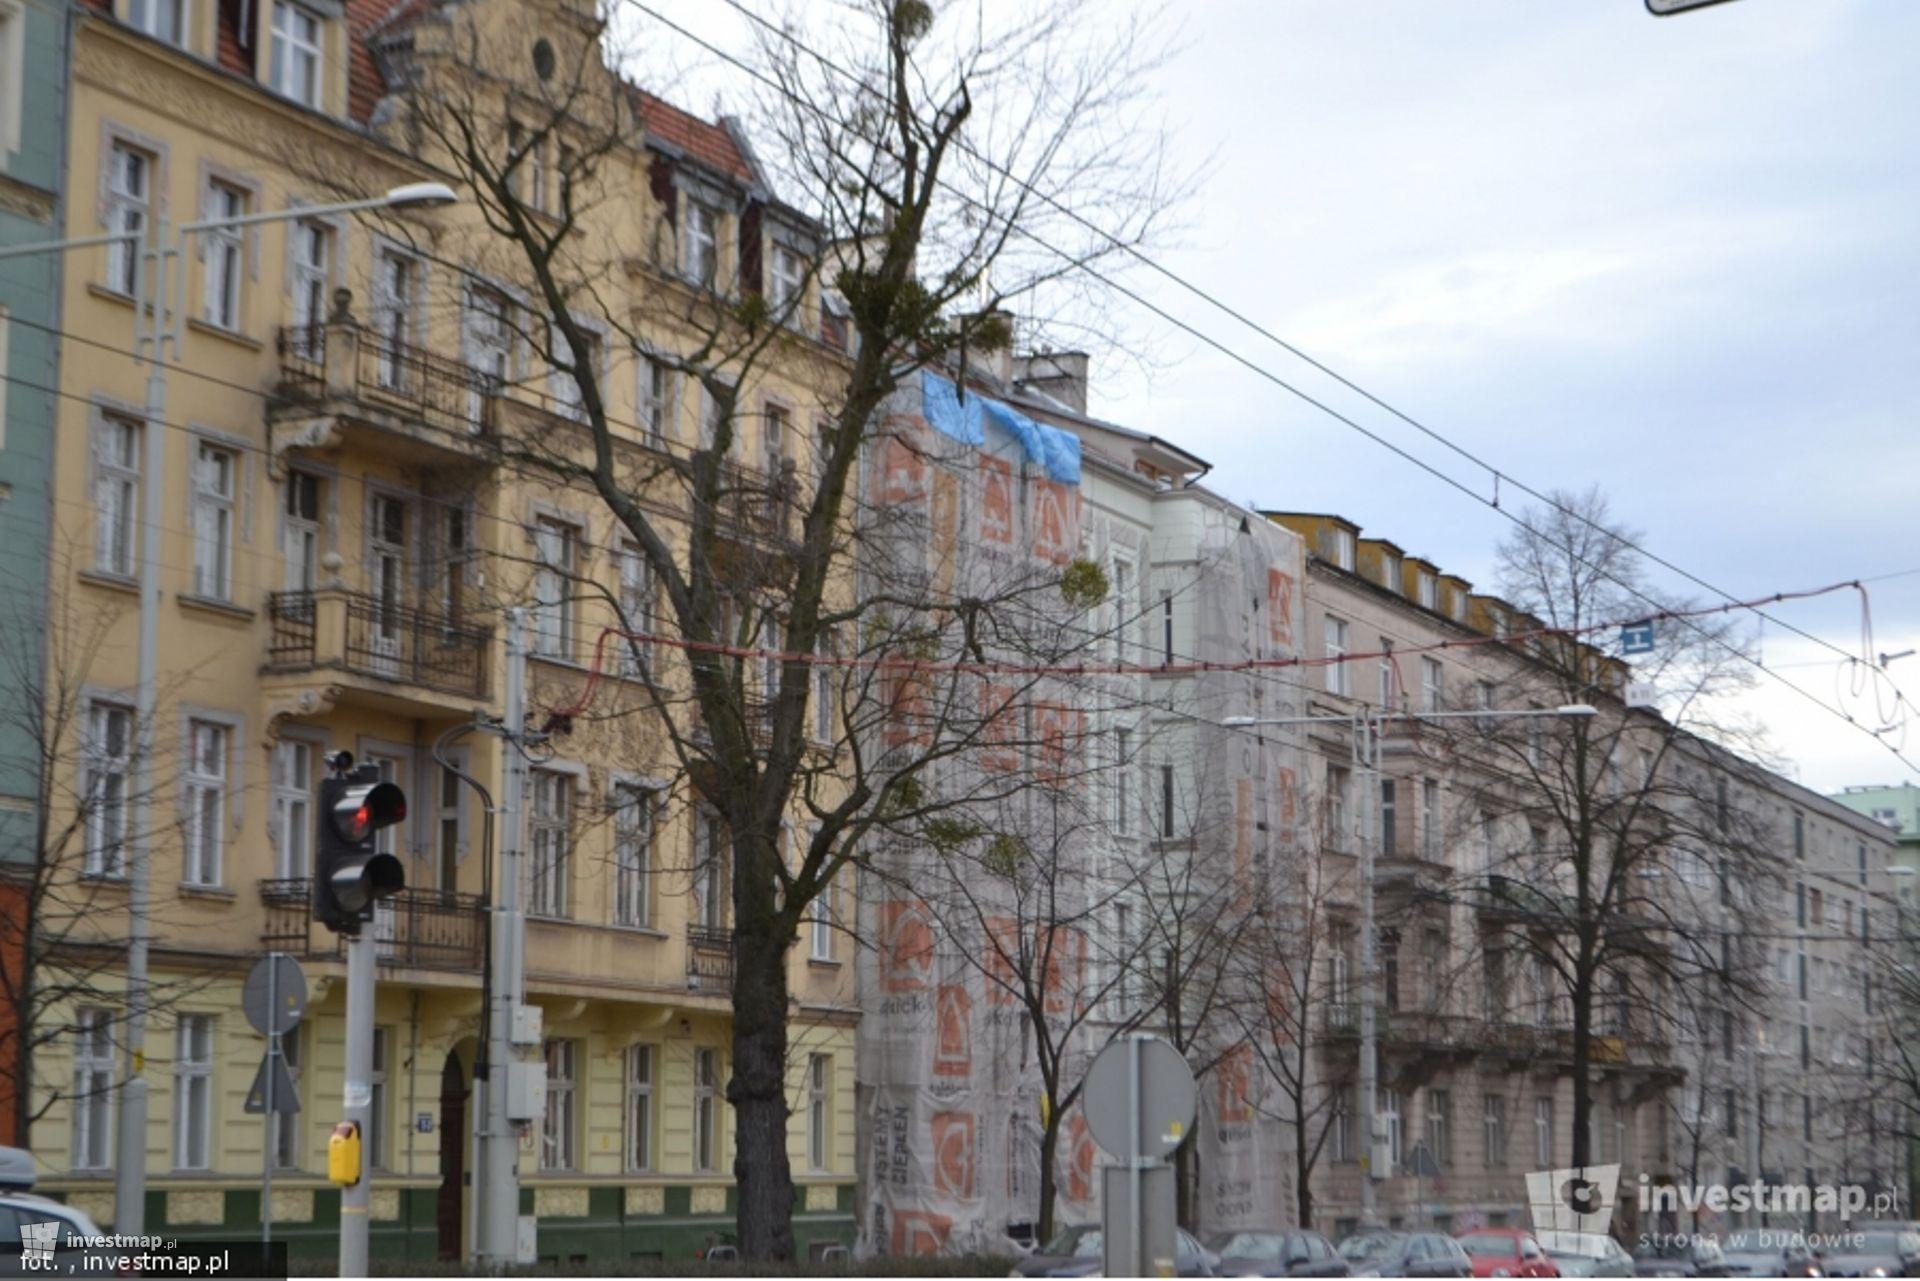 Remont kamienicy, ul. Marii Curie-Skłodowskiej 46